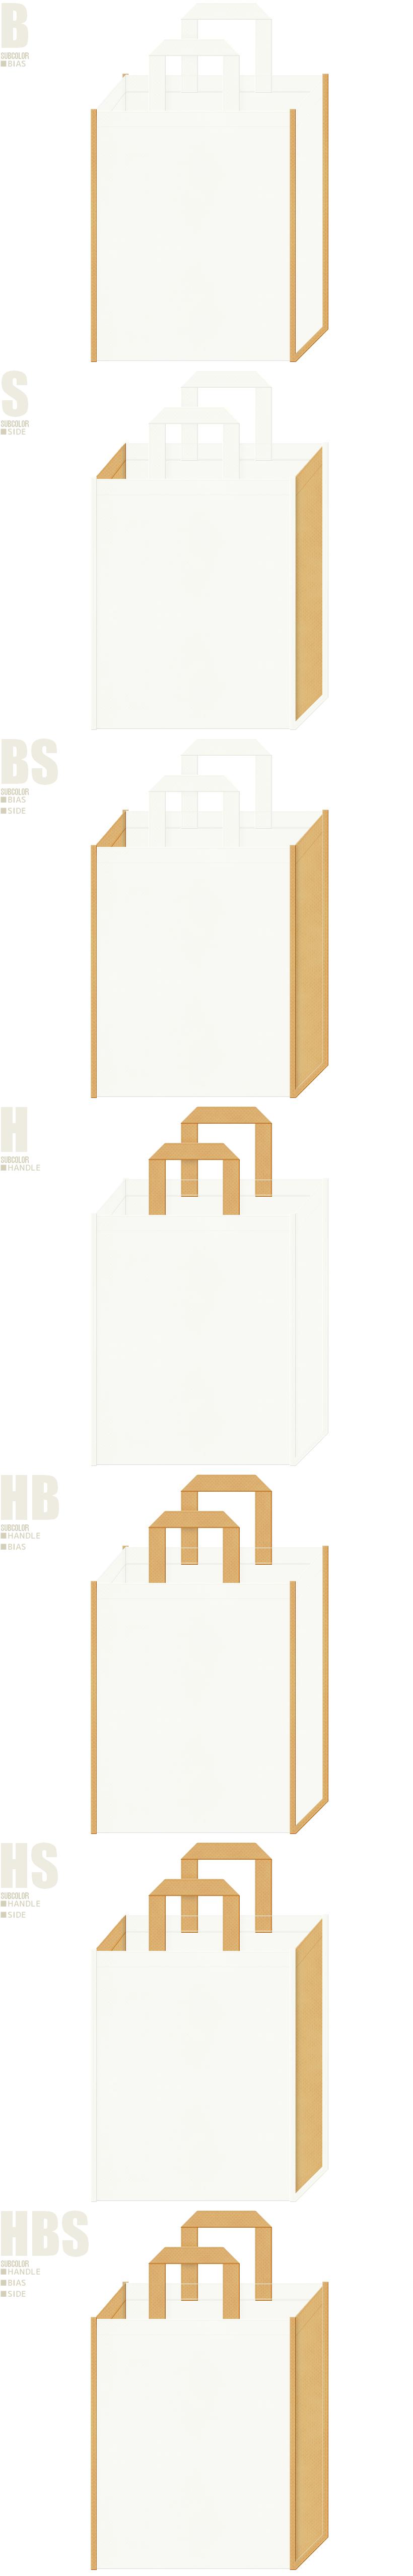 オフホワイト色と薄黄土色、7パターンの不織布トートバッグ配色デザイン例。フェミニンファッションの展示会用バッグにお奨めです。